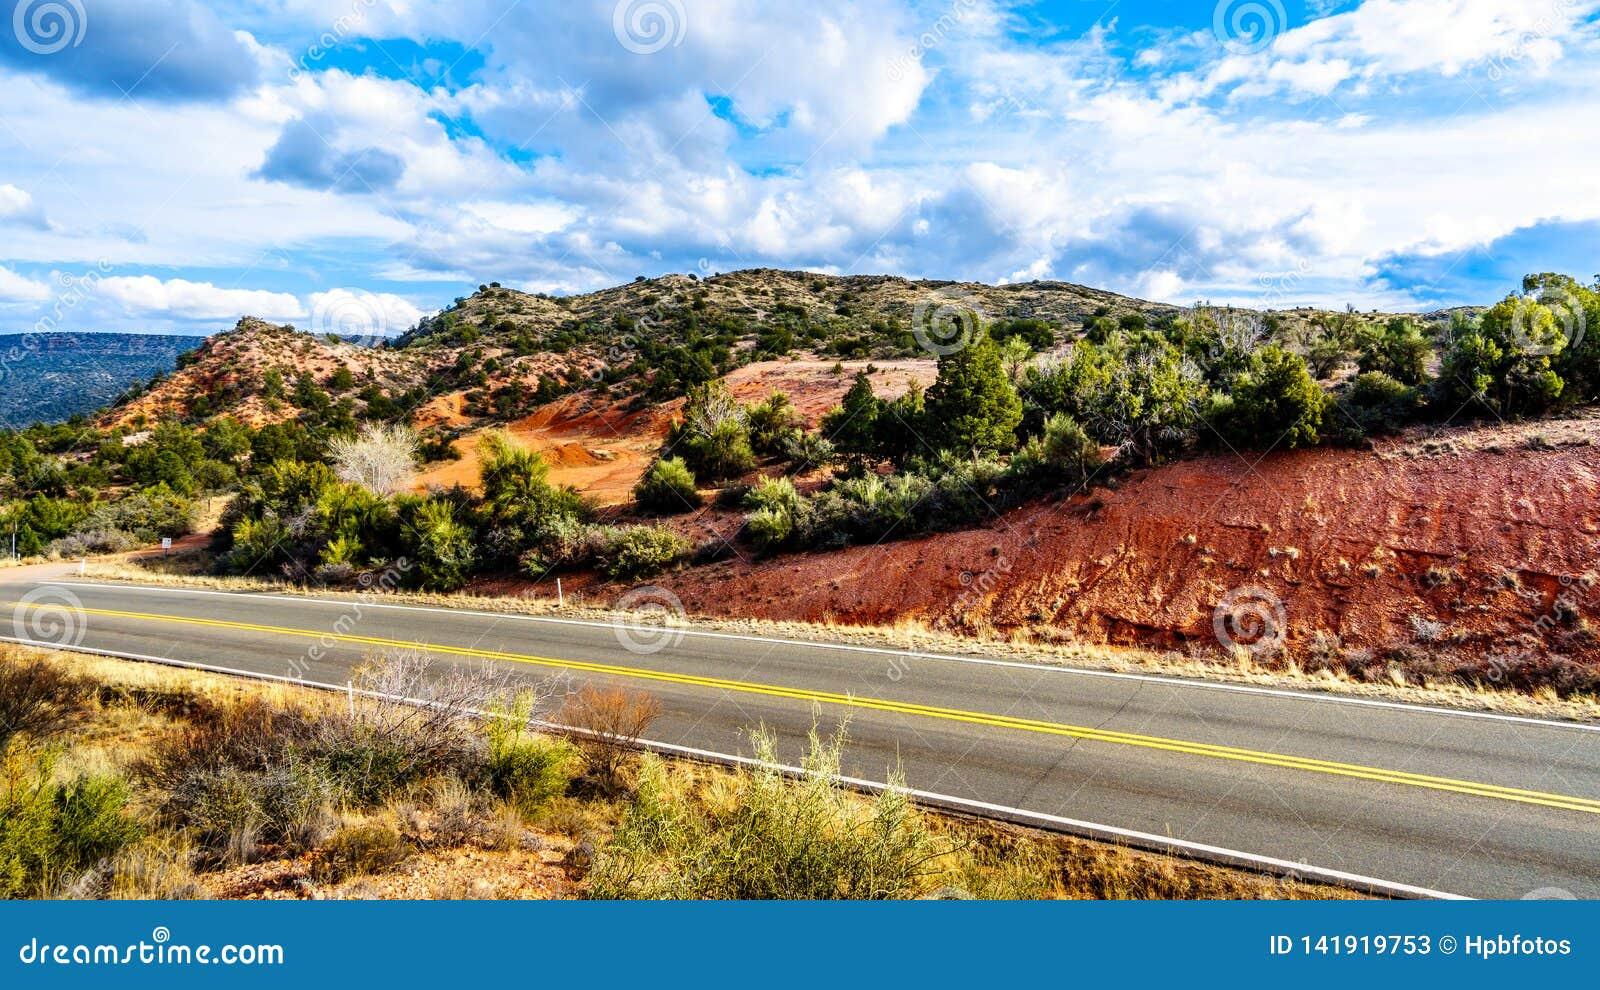 Die Berge mit mannigfaltiger Vegetation im roten Felsenland an der Beaverhead-Ebenen-Straße nahe dem Dorf von Oak Creek